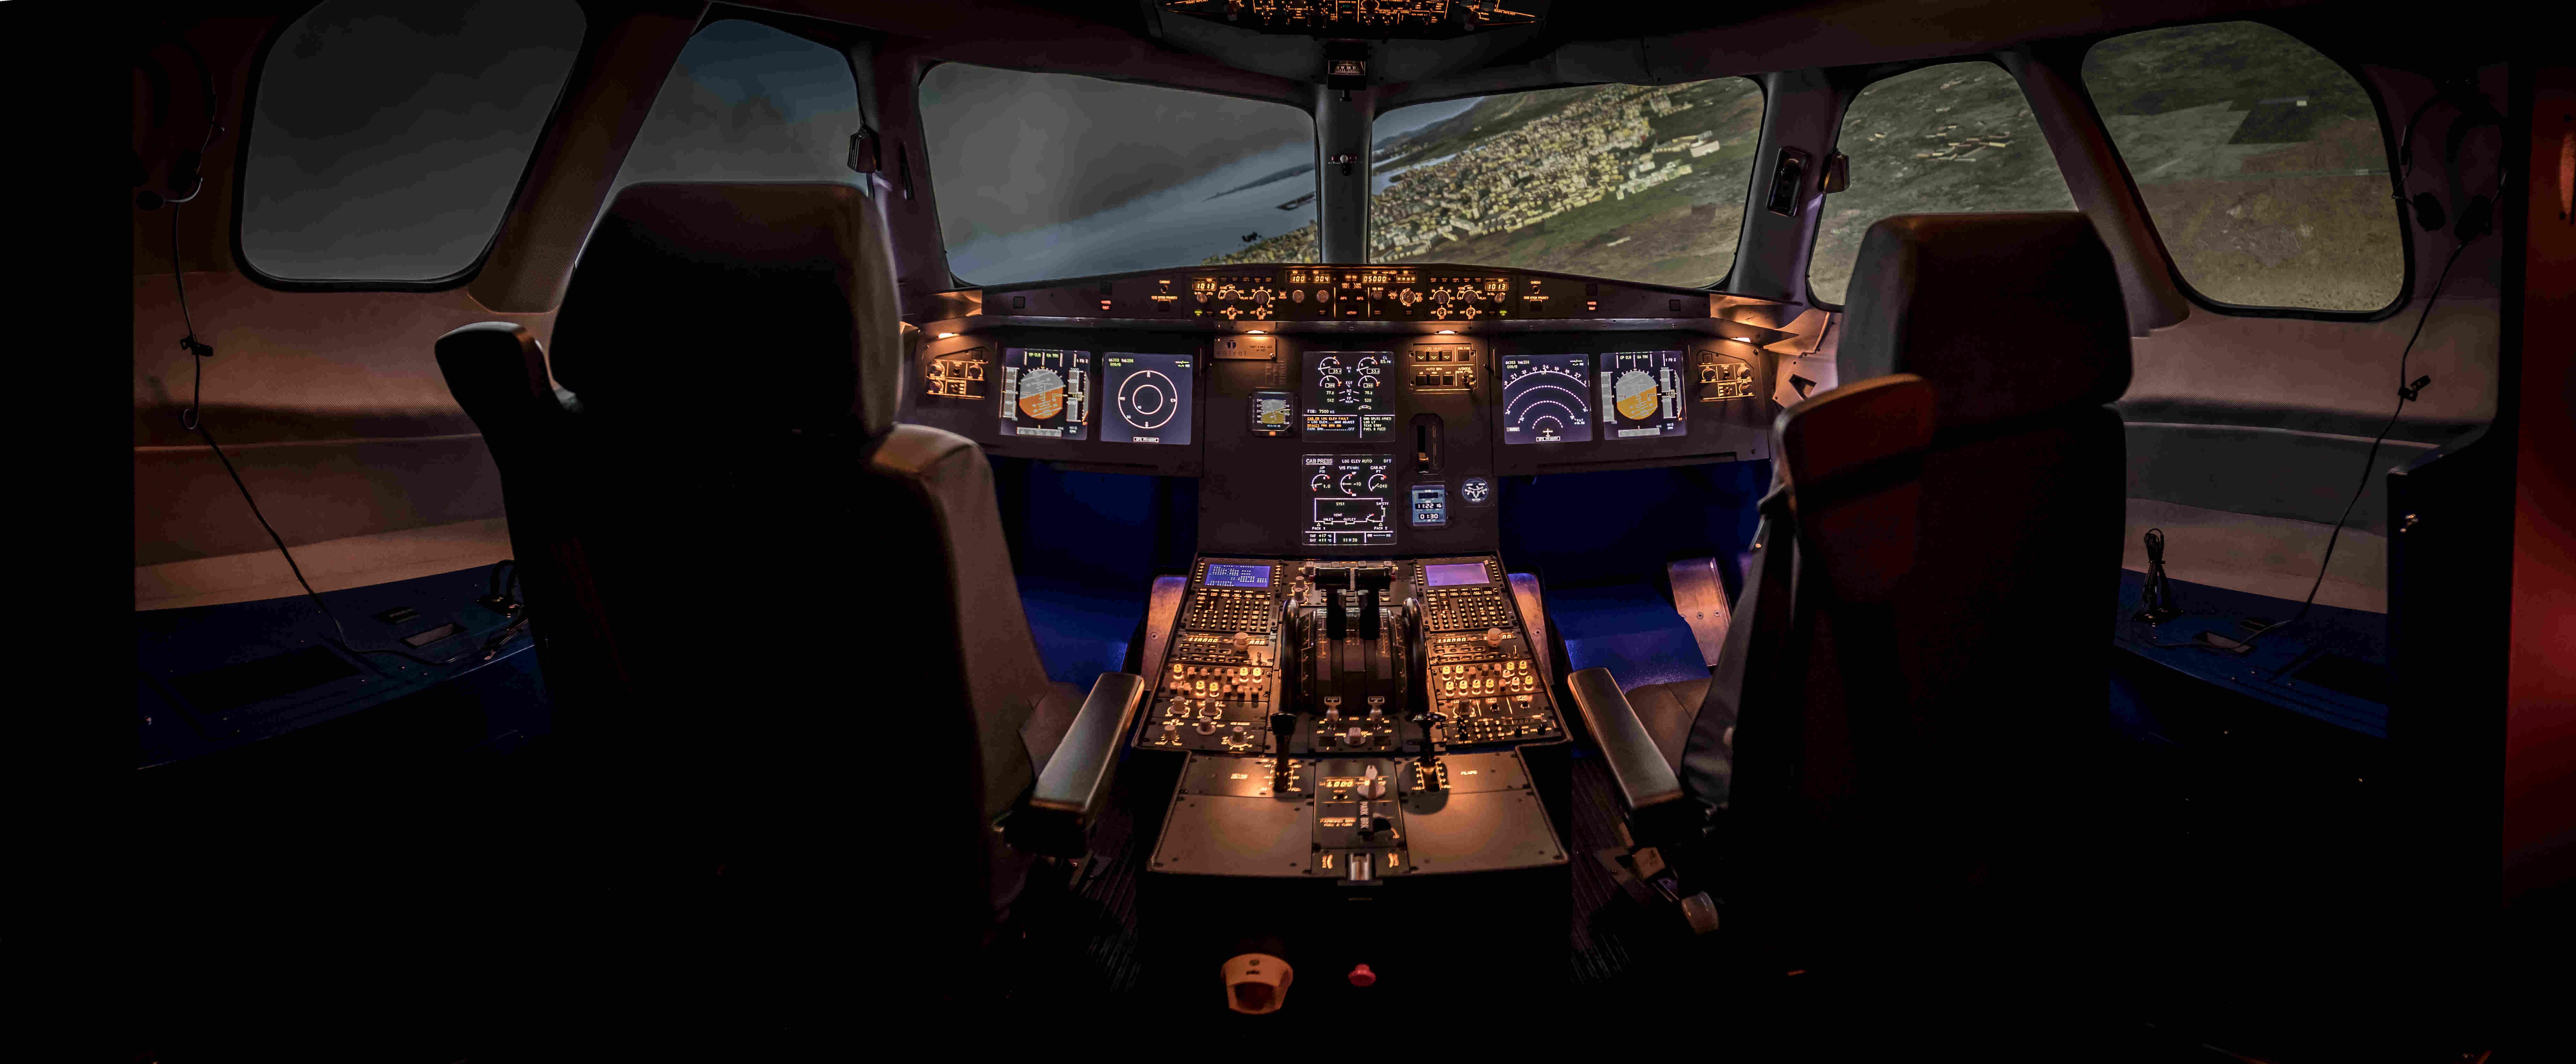 simulador airbus a320